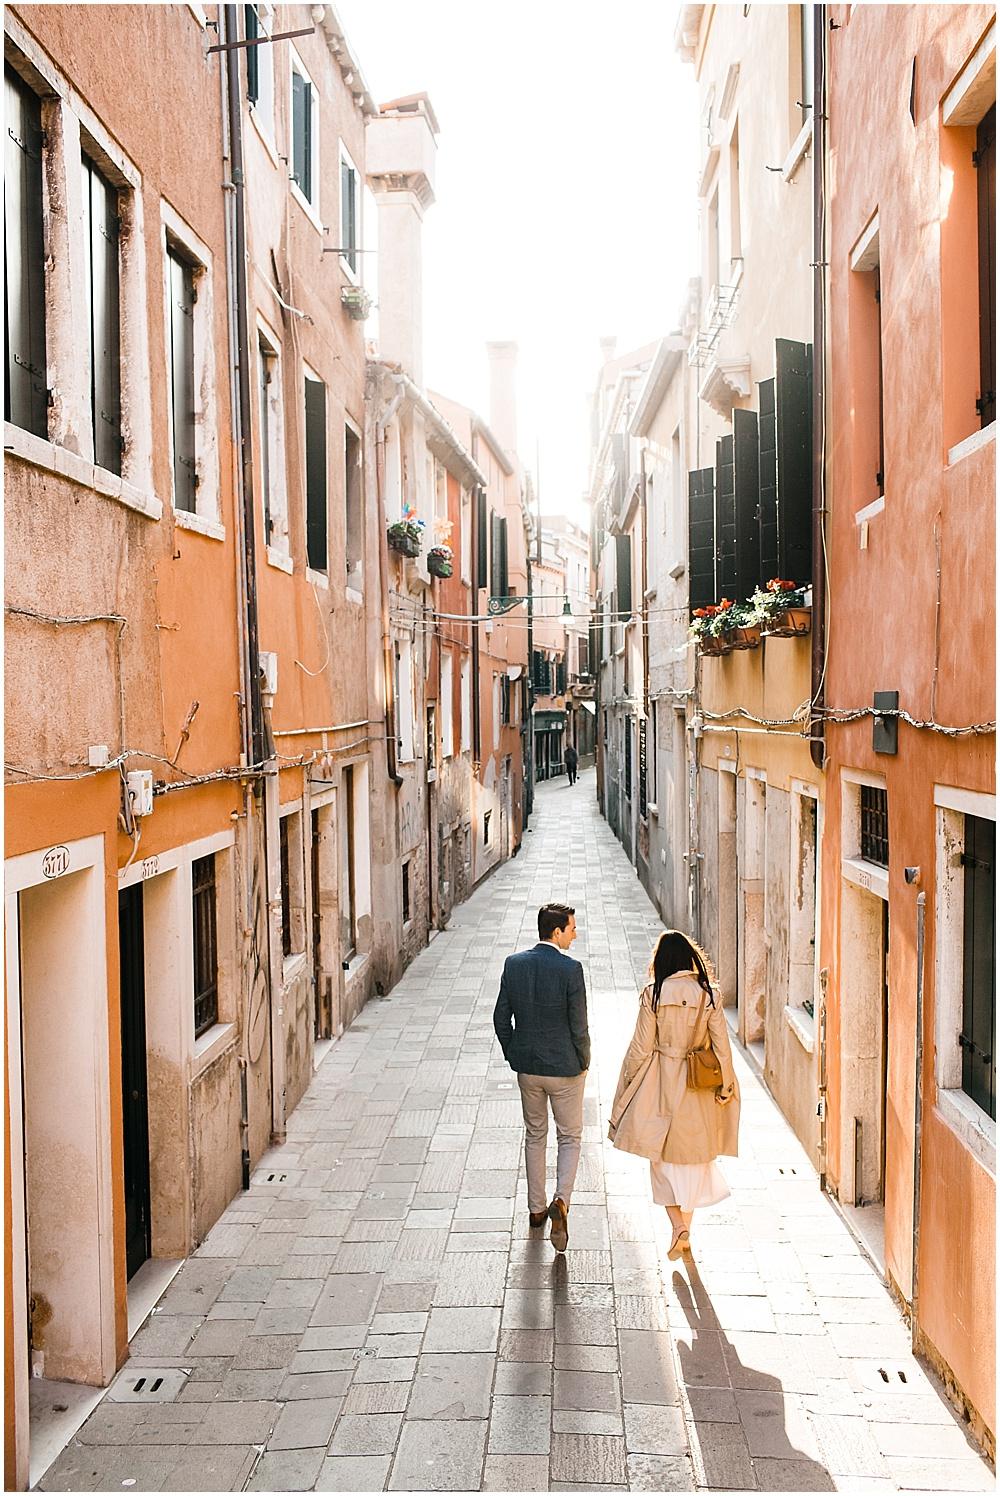 Venice-italy-wedding-photographer-stefano-degirmenci_0020.jpg